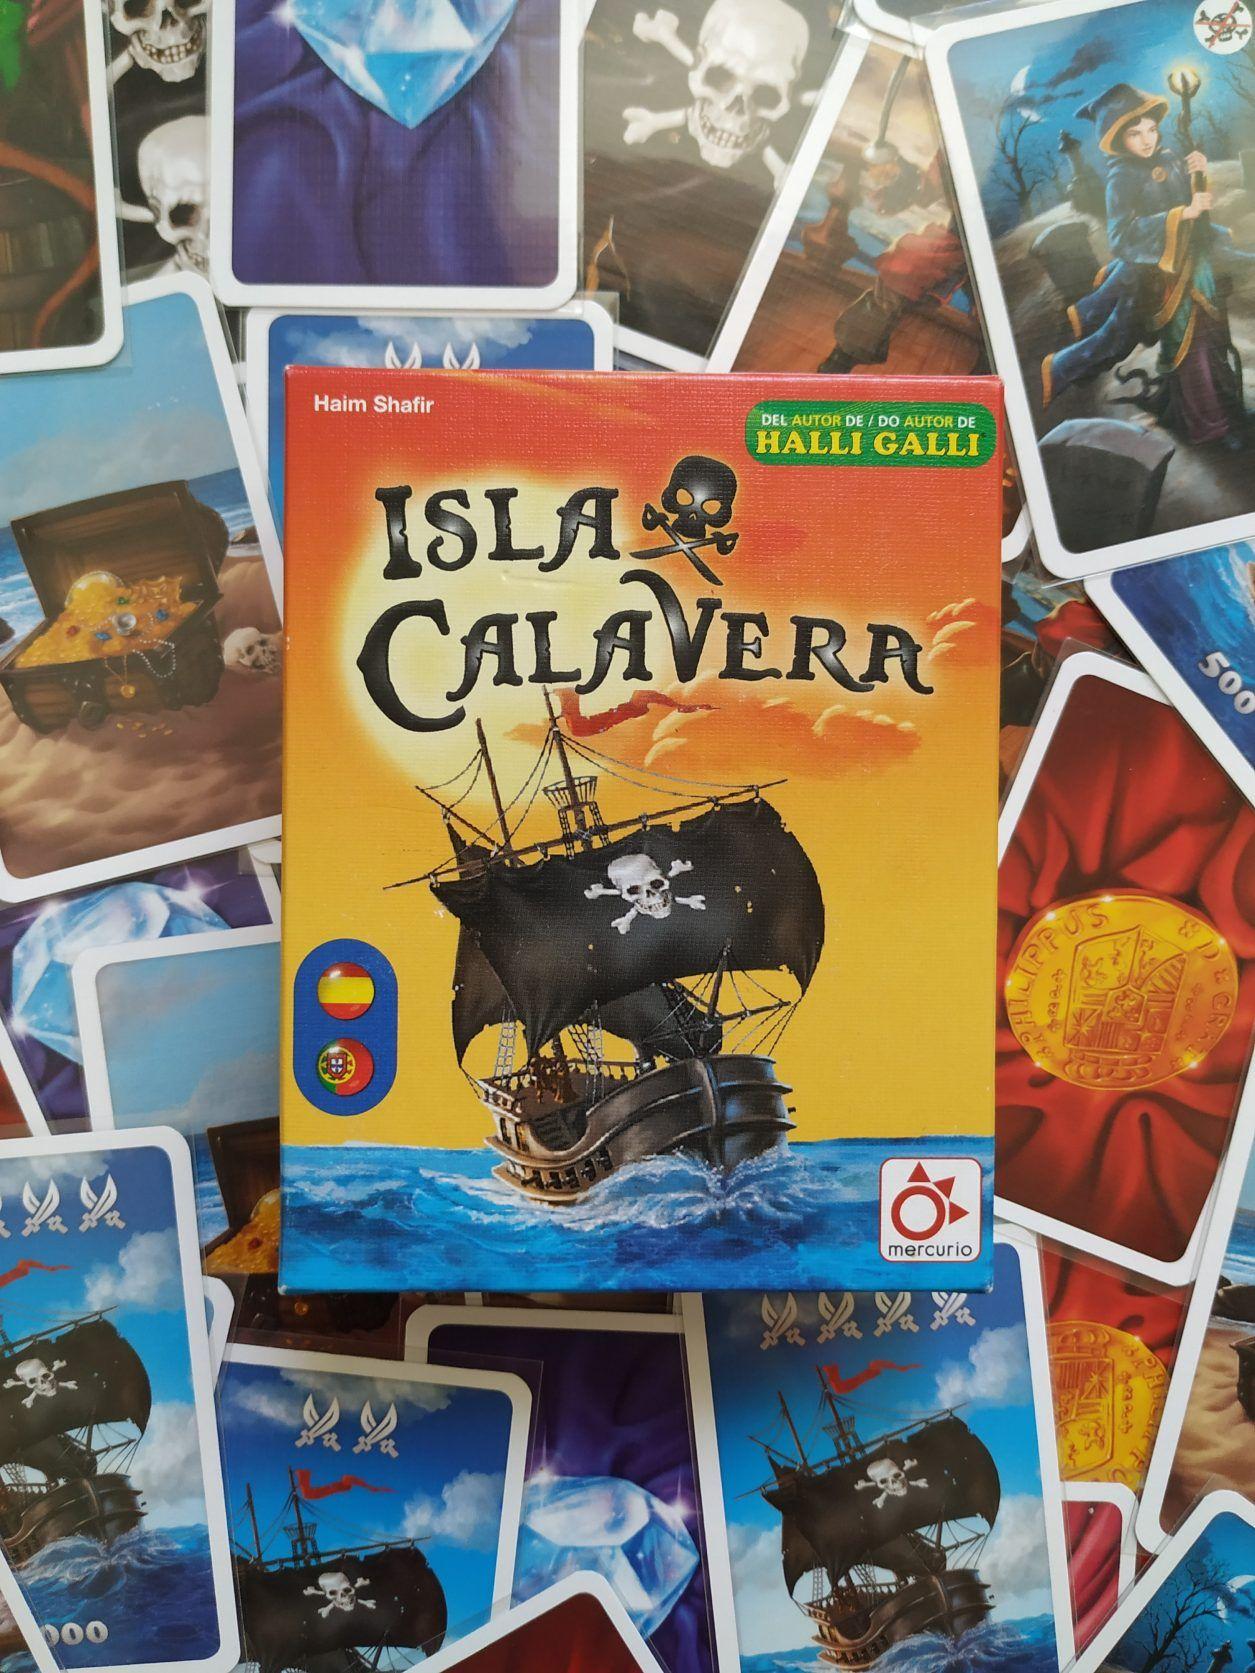 Isla Calavera Un Juego De Dados Para Los Amantes De Las Matemáticas Y El Azar Juegos Con Dados Islas Juegos De Mesa